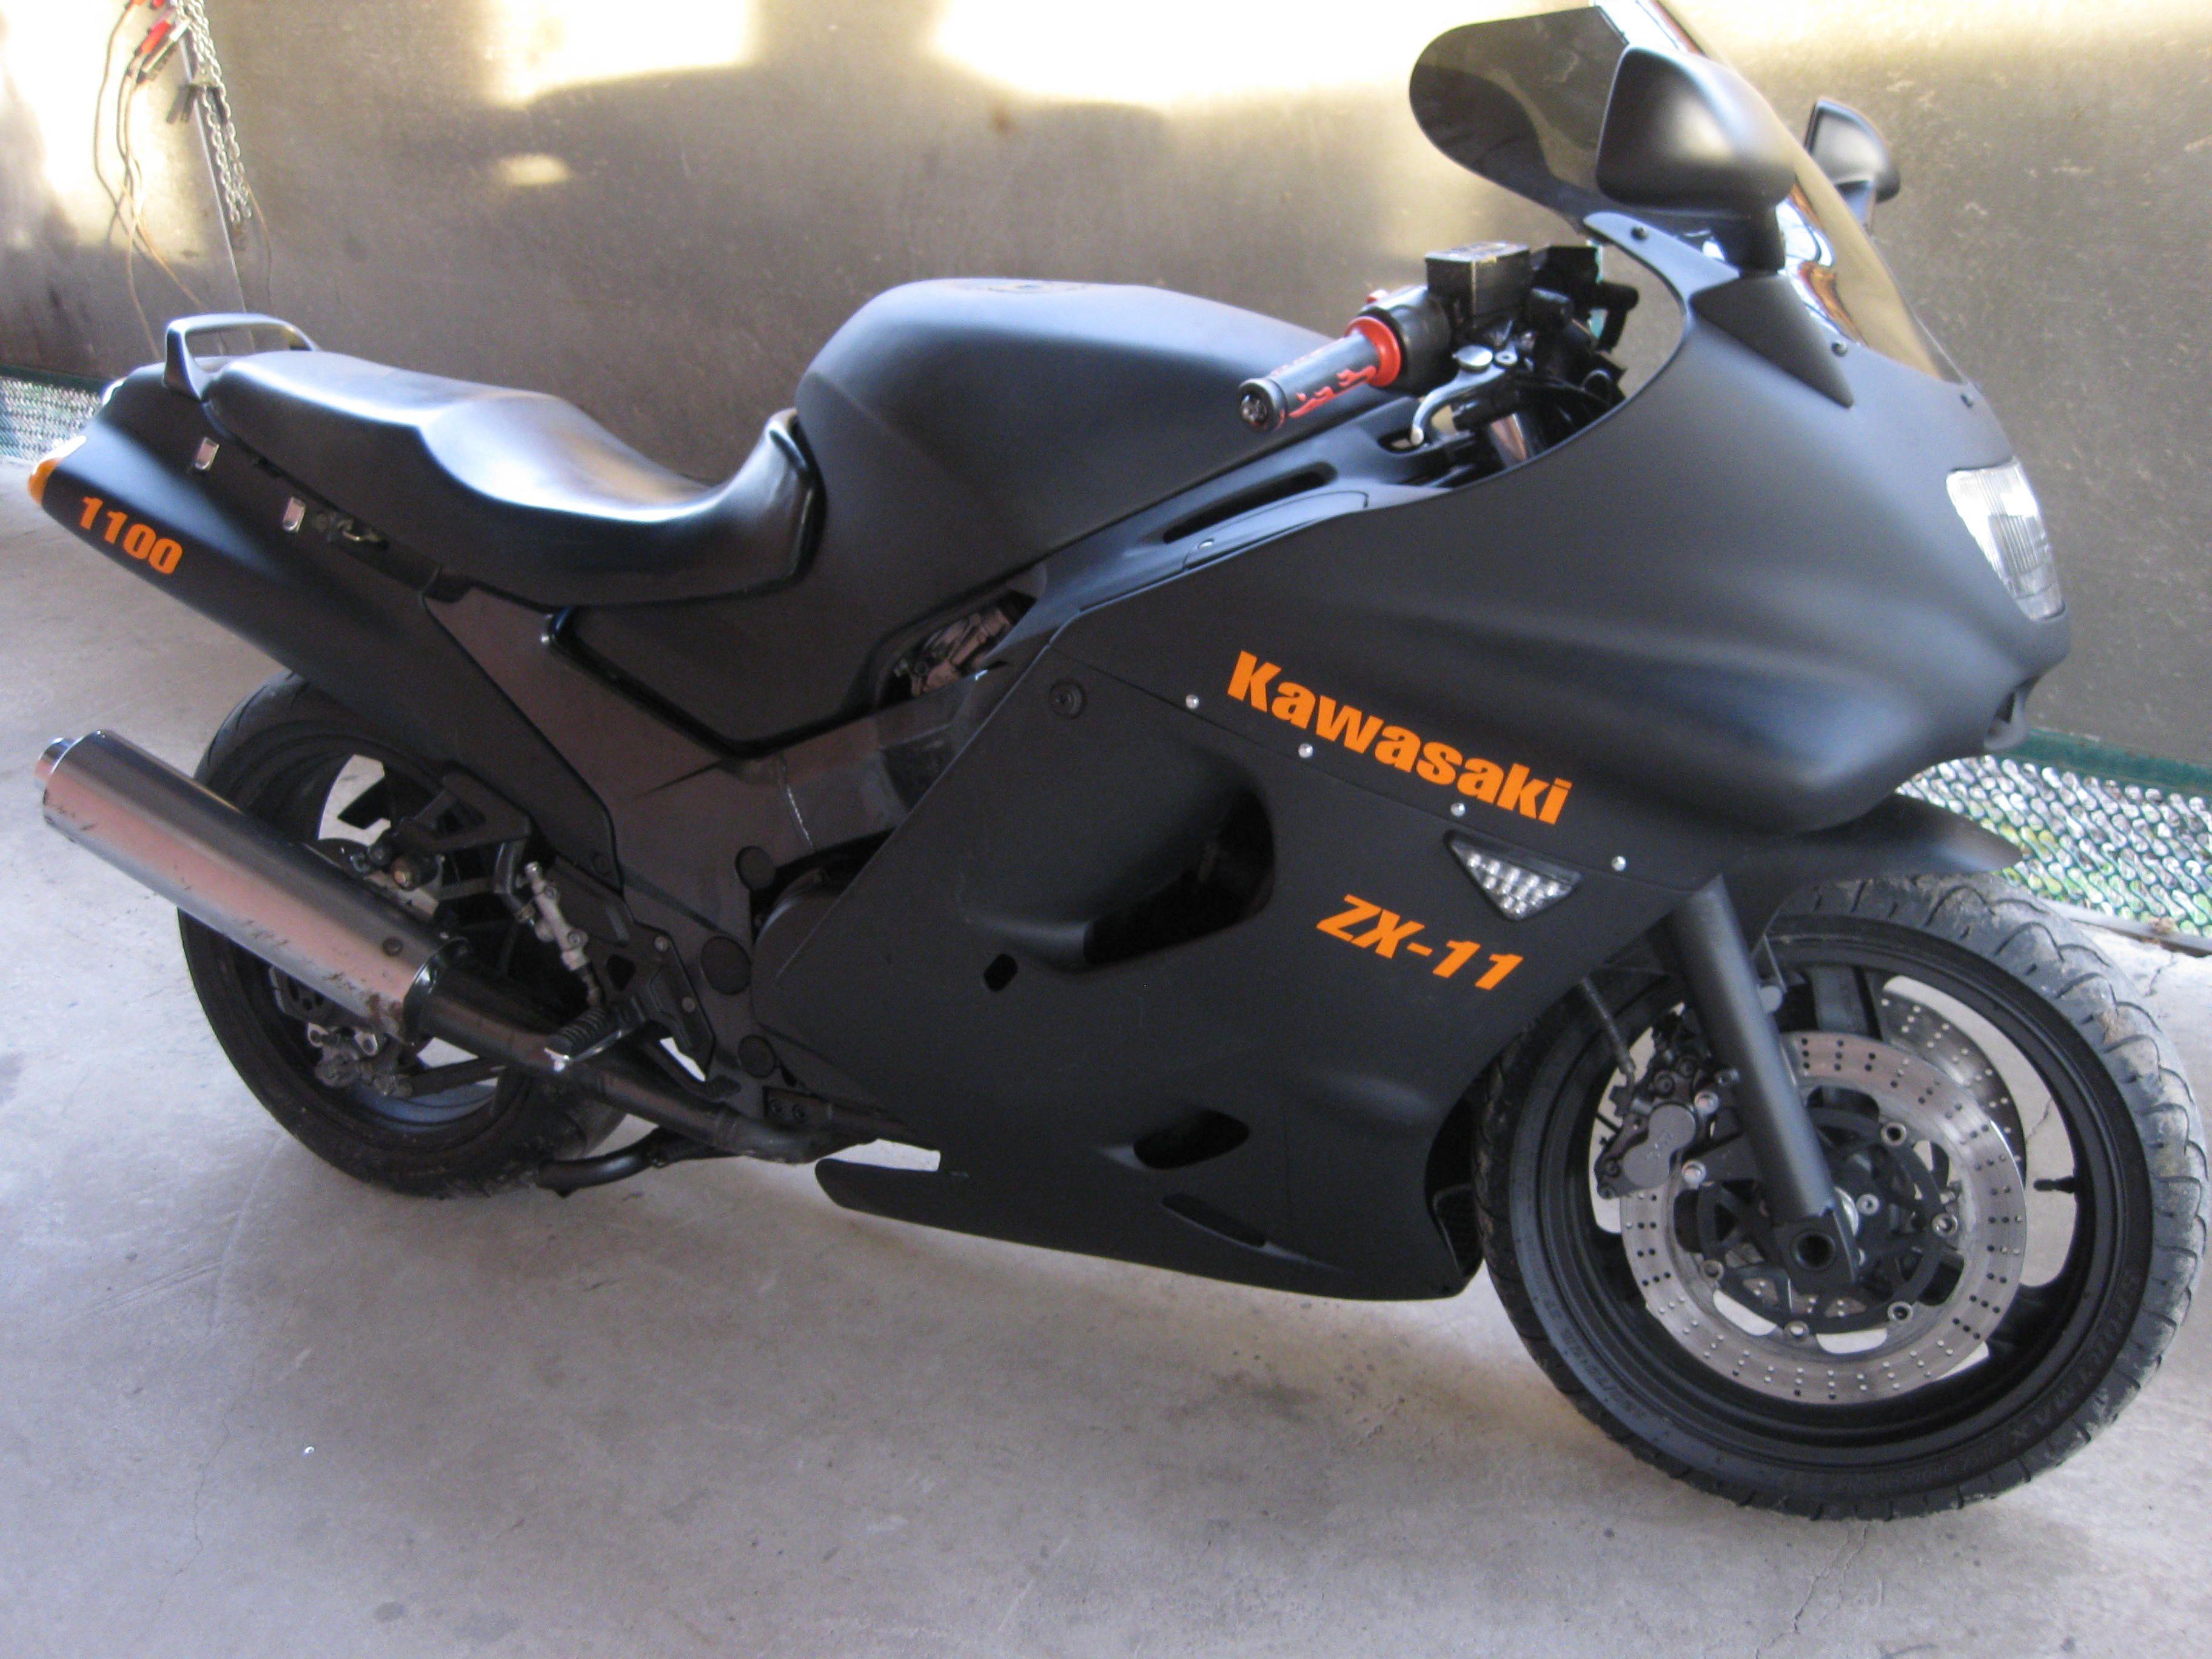 Kawasaki ZX 11